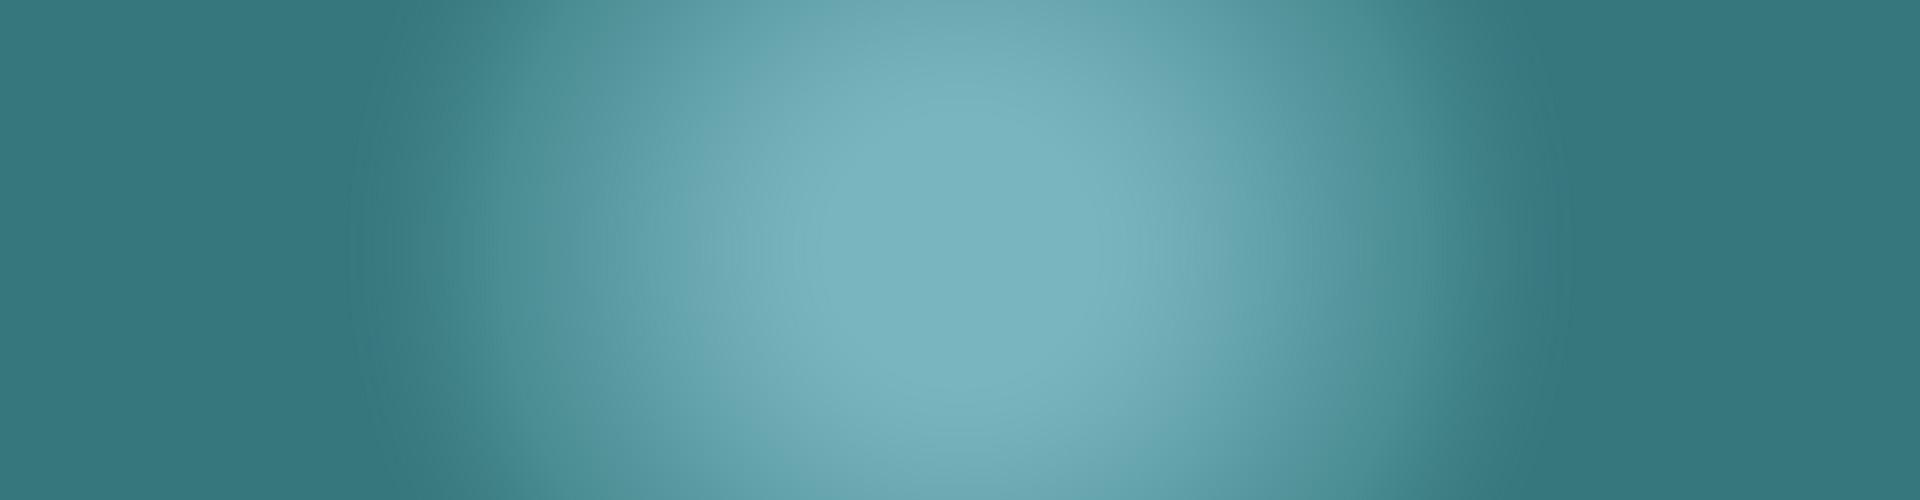 bg-color-slide-responsive-design